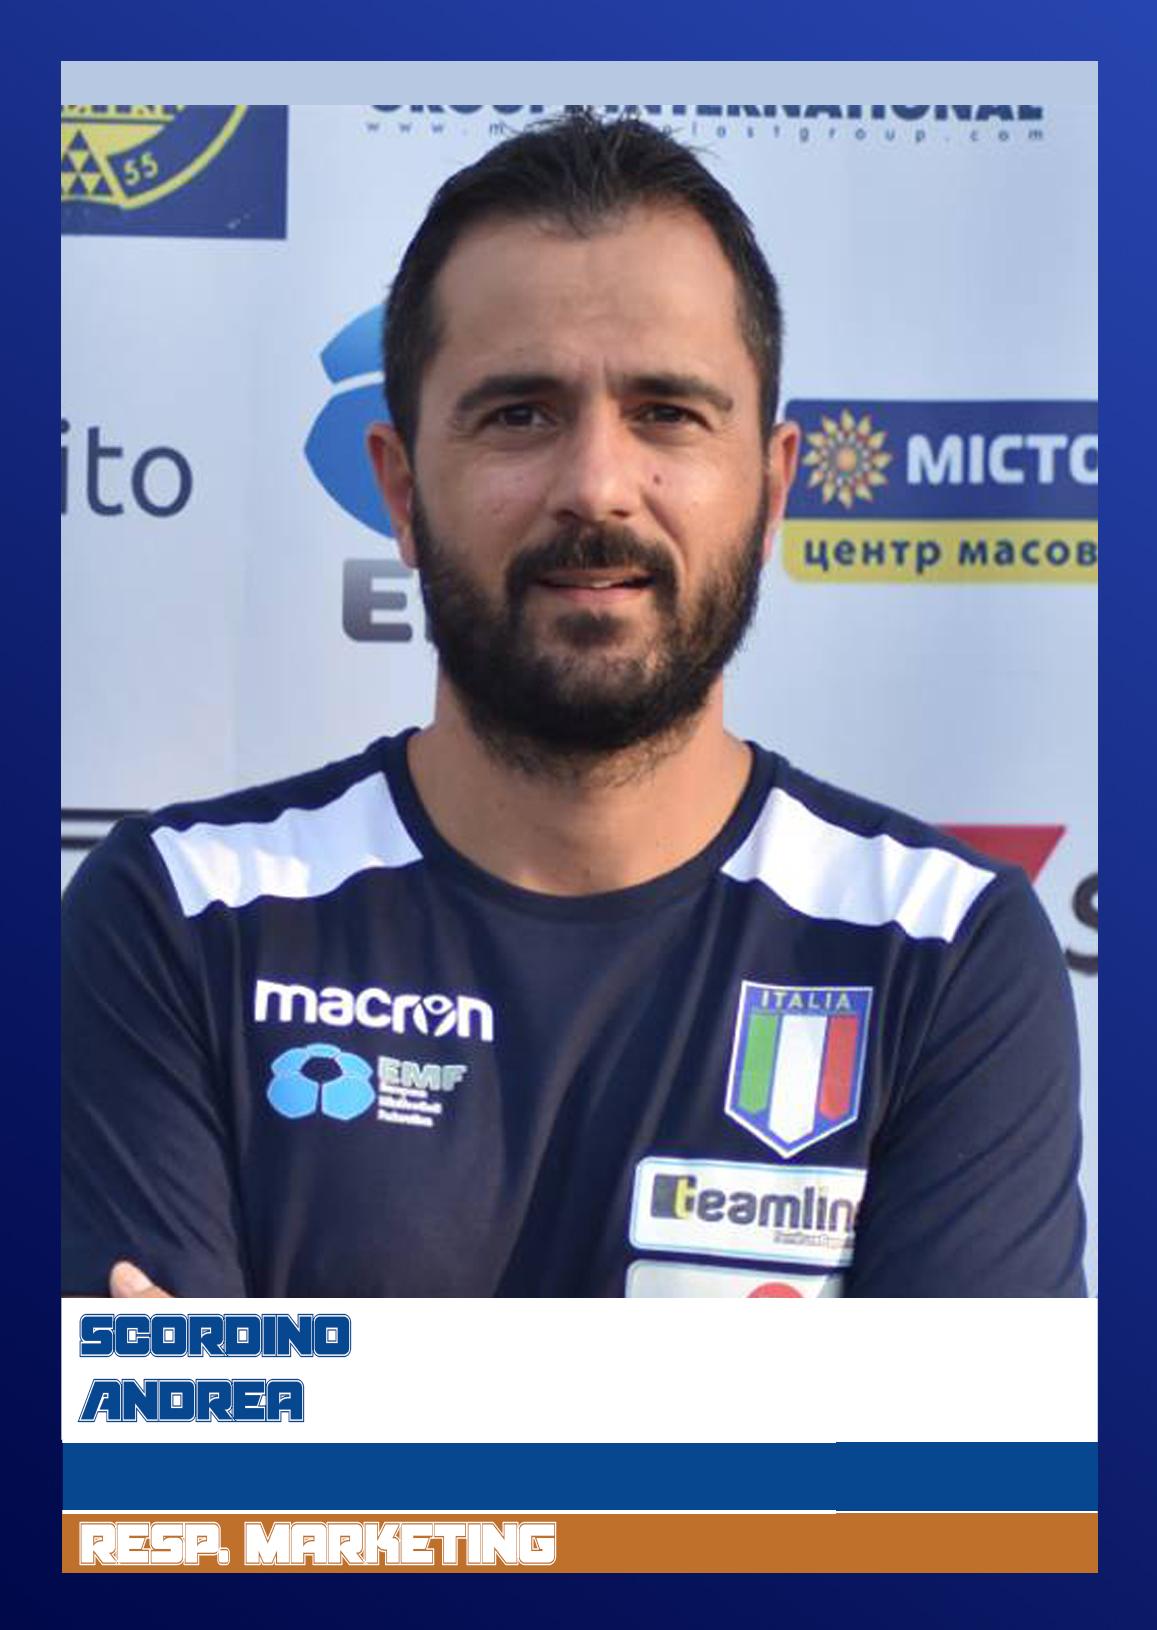 Andrea Scordino